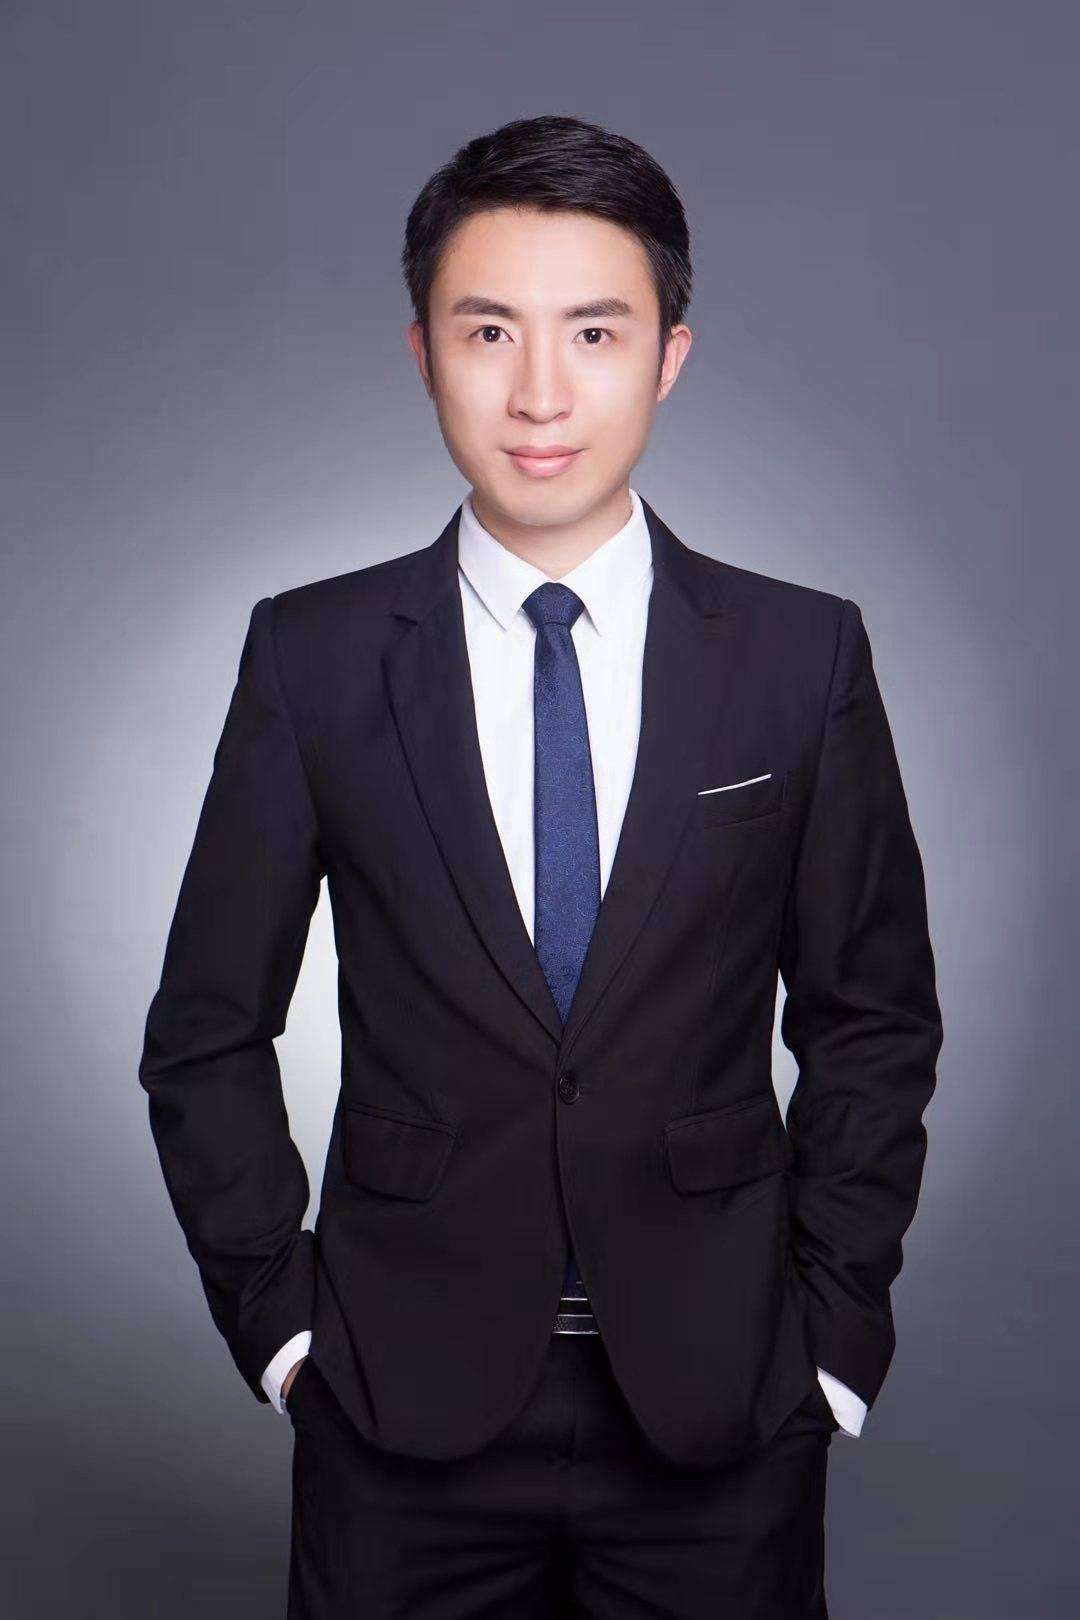 云问机器人 联合创始人 COO 茆传羽